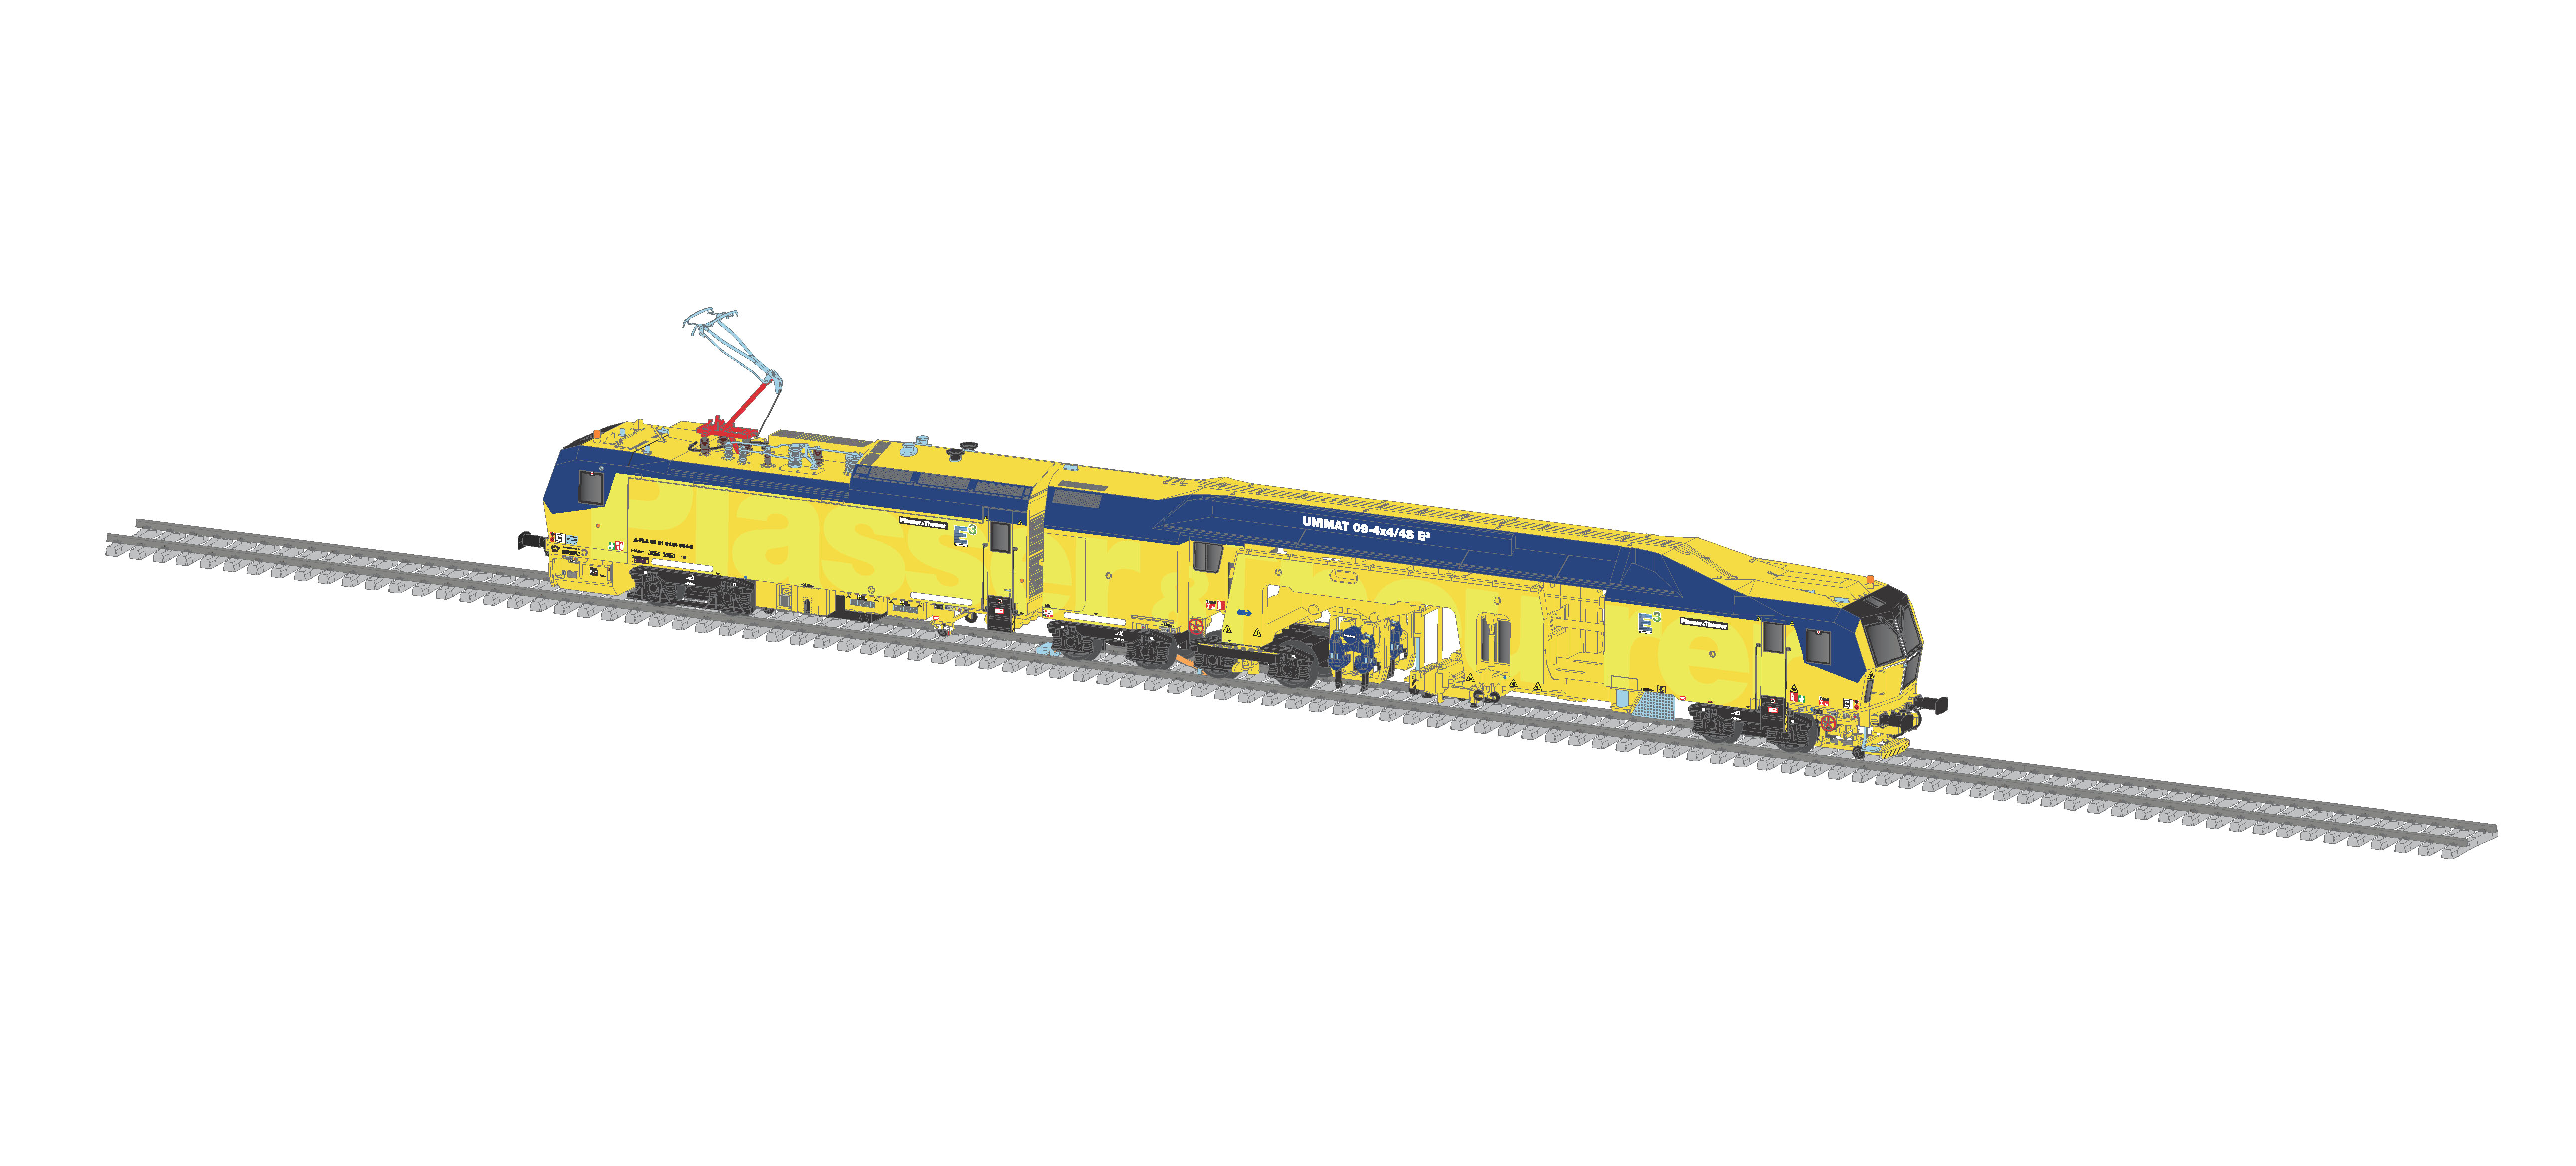 Viessmann 2670 <br/>Unimat 09-4x4/4S E³ Schienenstopfmachine, P & T, Funktionsmodell für Zweileitersysteme